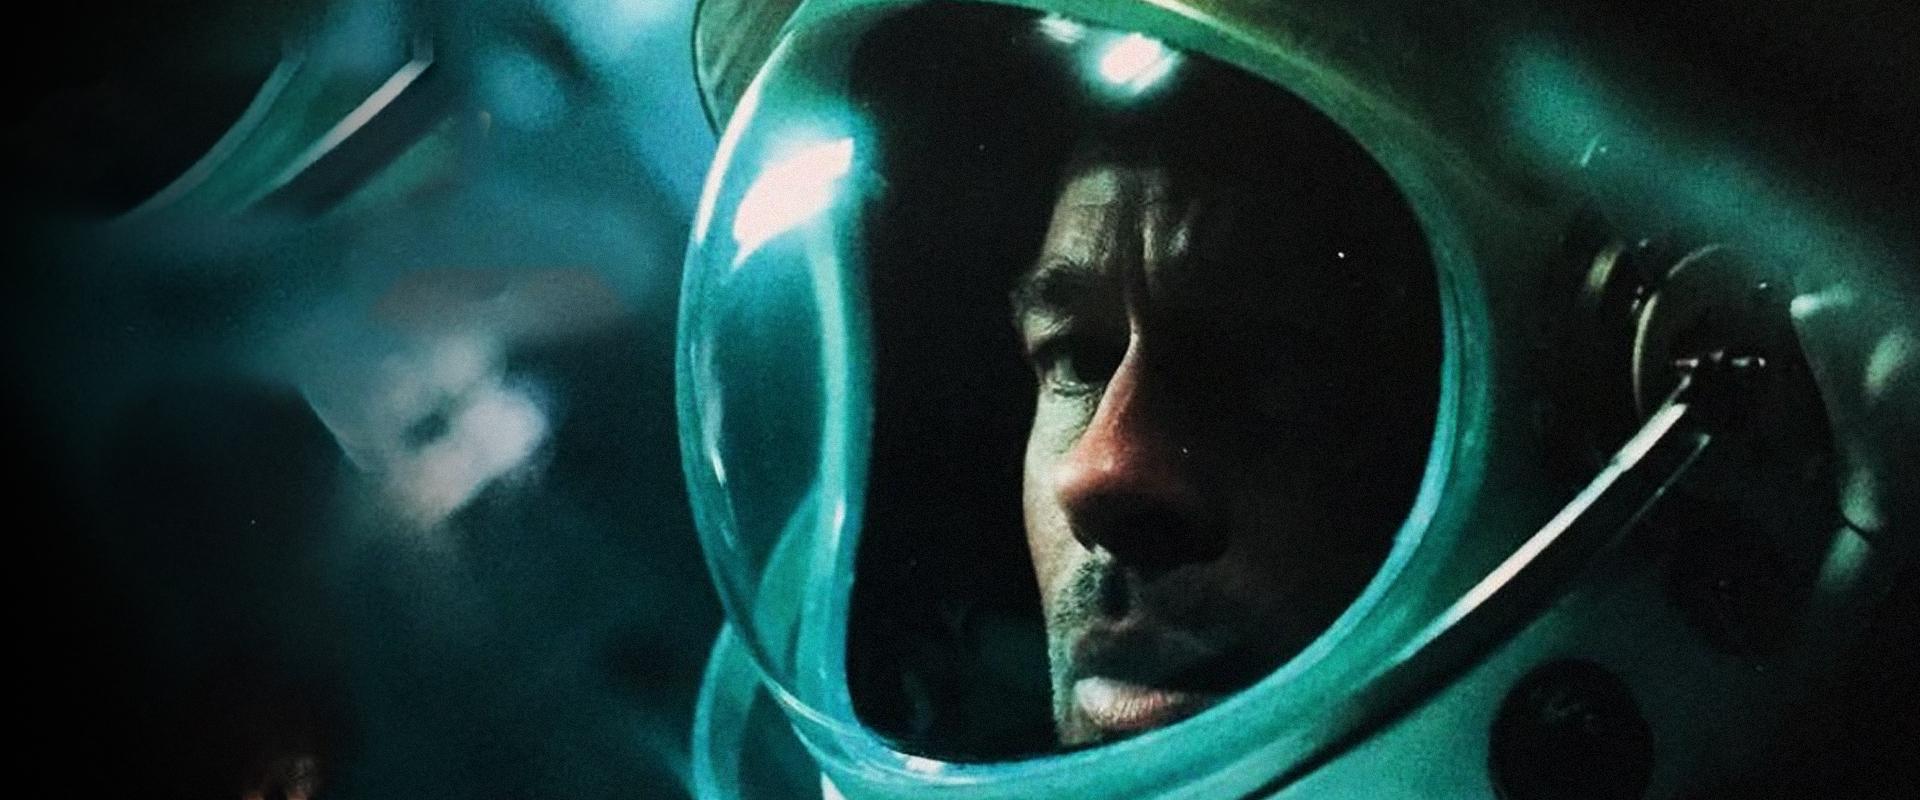 Primer tráiler oficial de la ciencia ficción Ad Astra envía a Brad Pitt al espacio